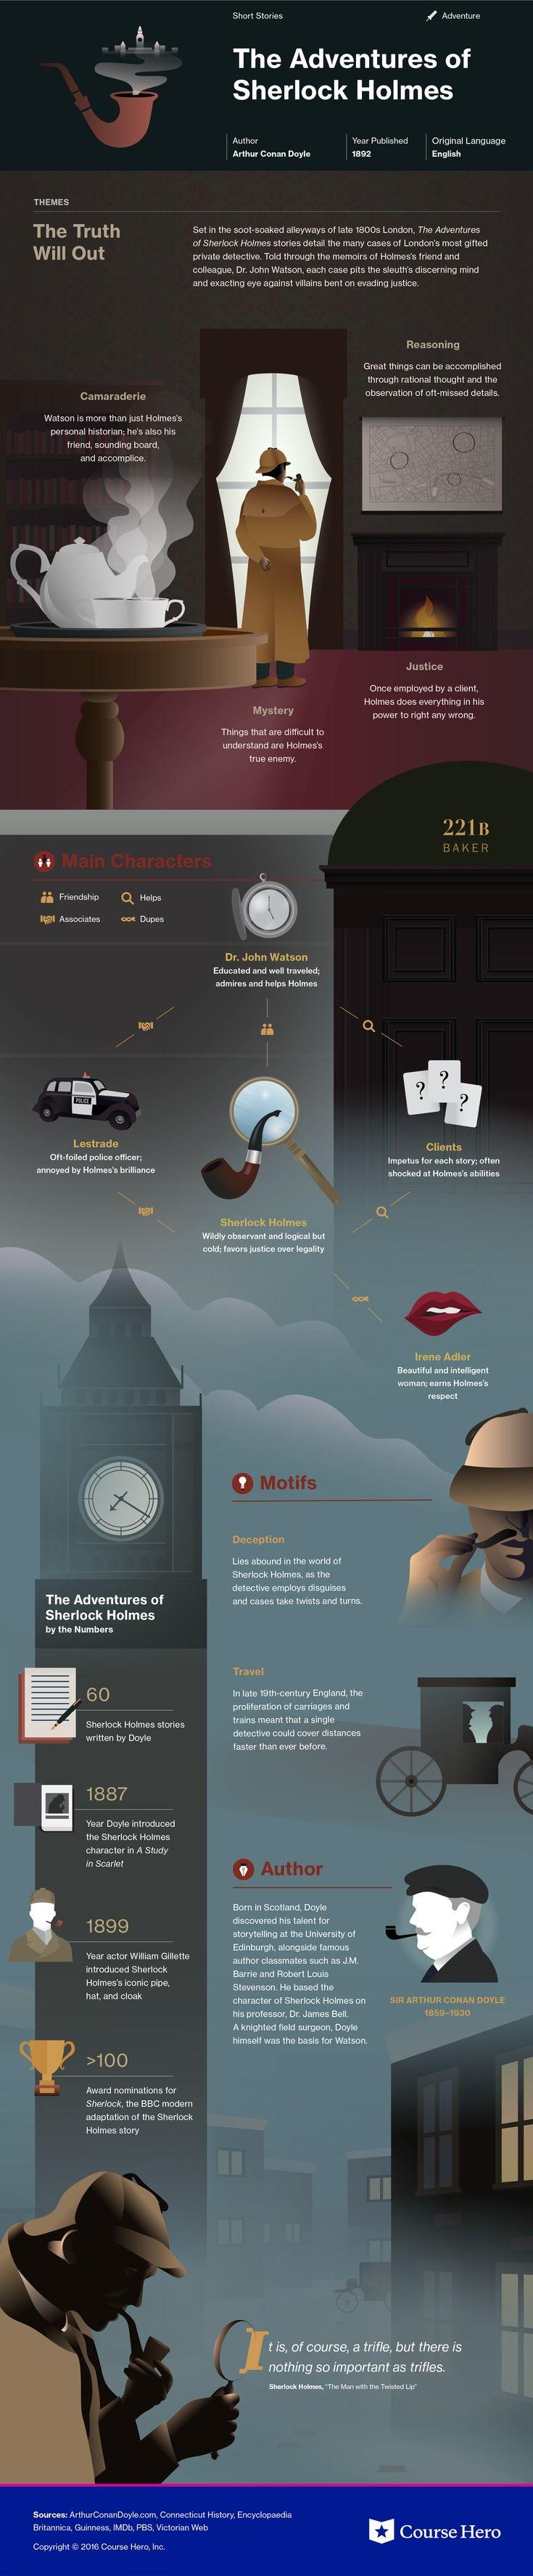 O mundo de Sherlock Holmes explicado numa infografia simples